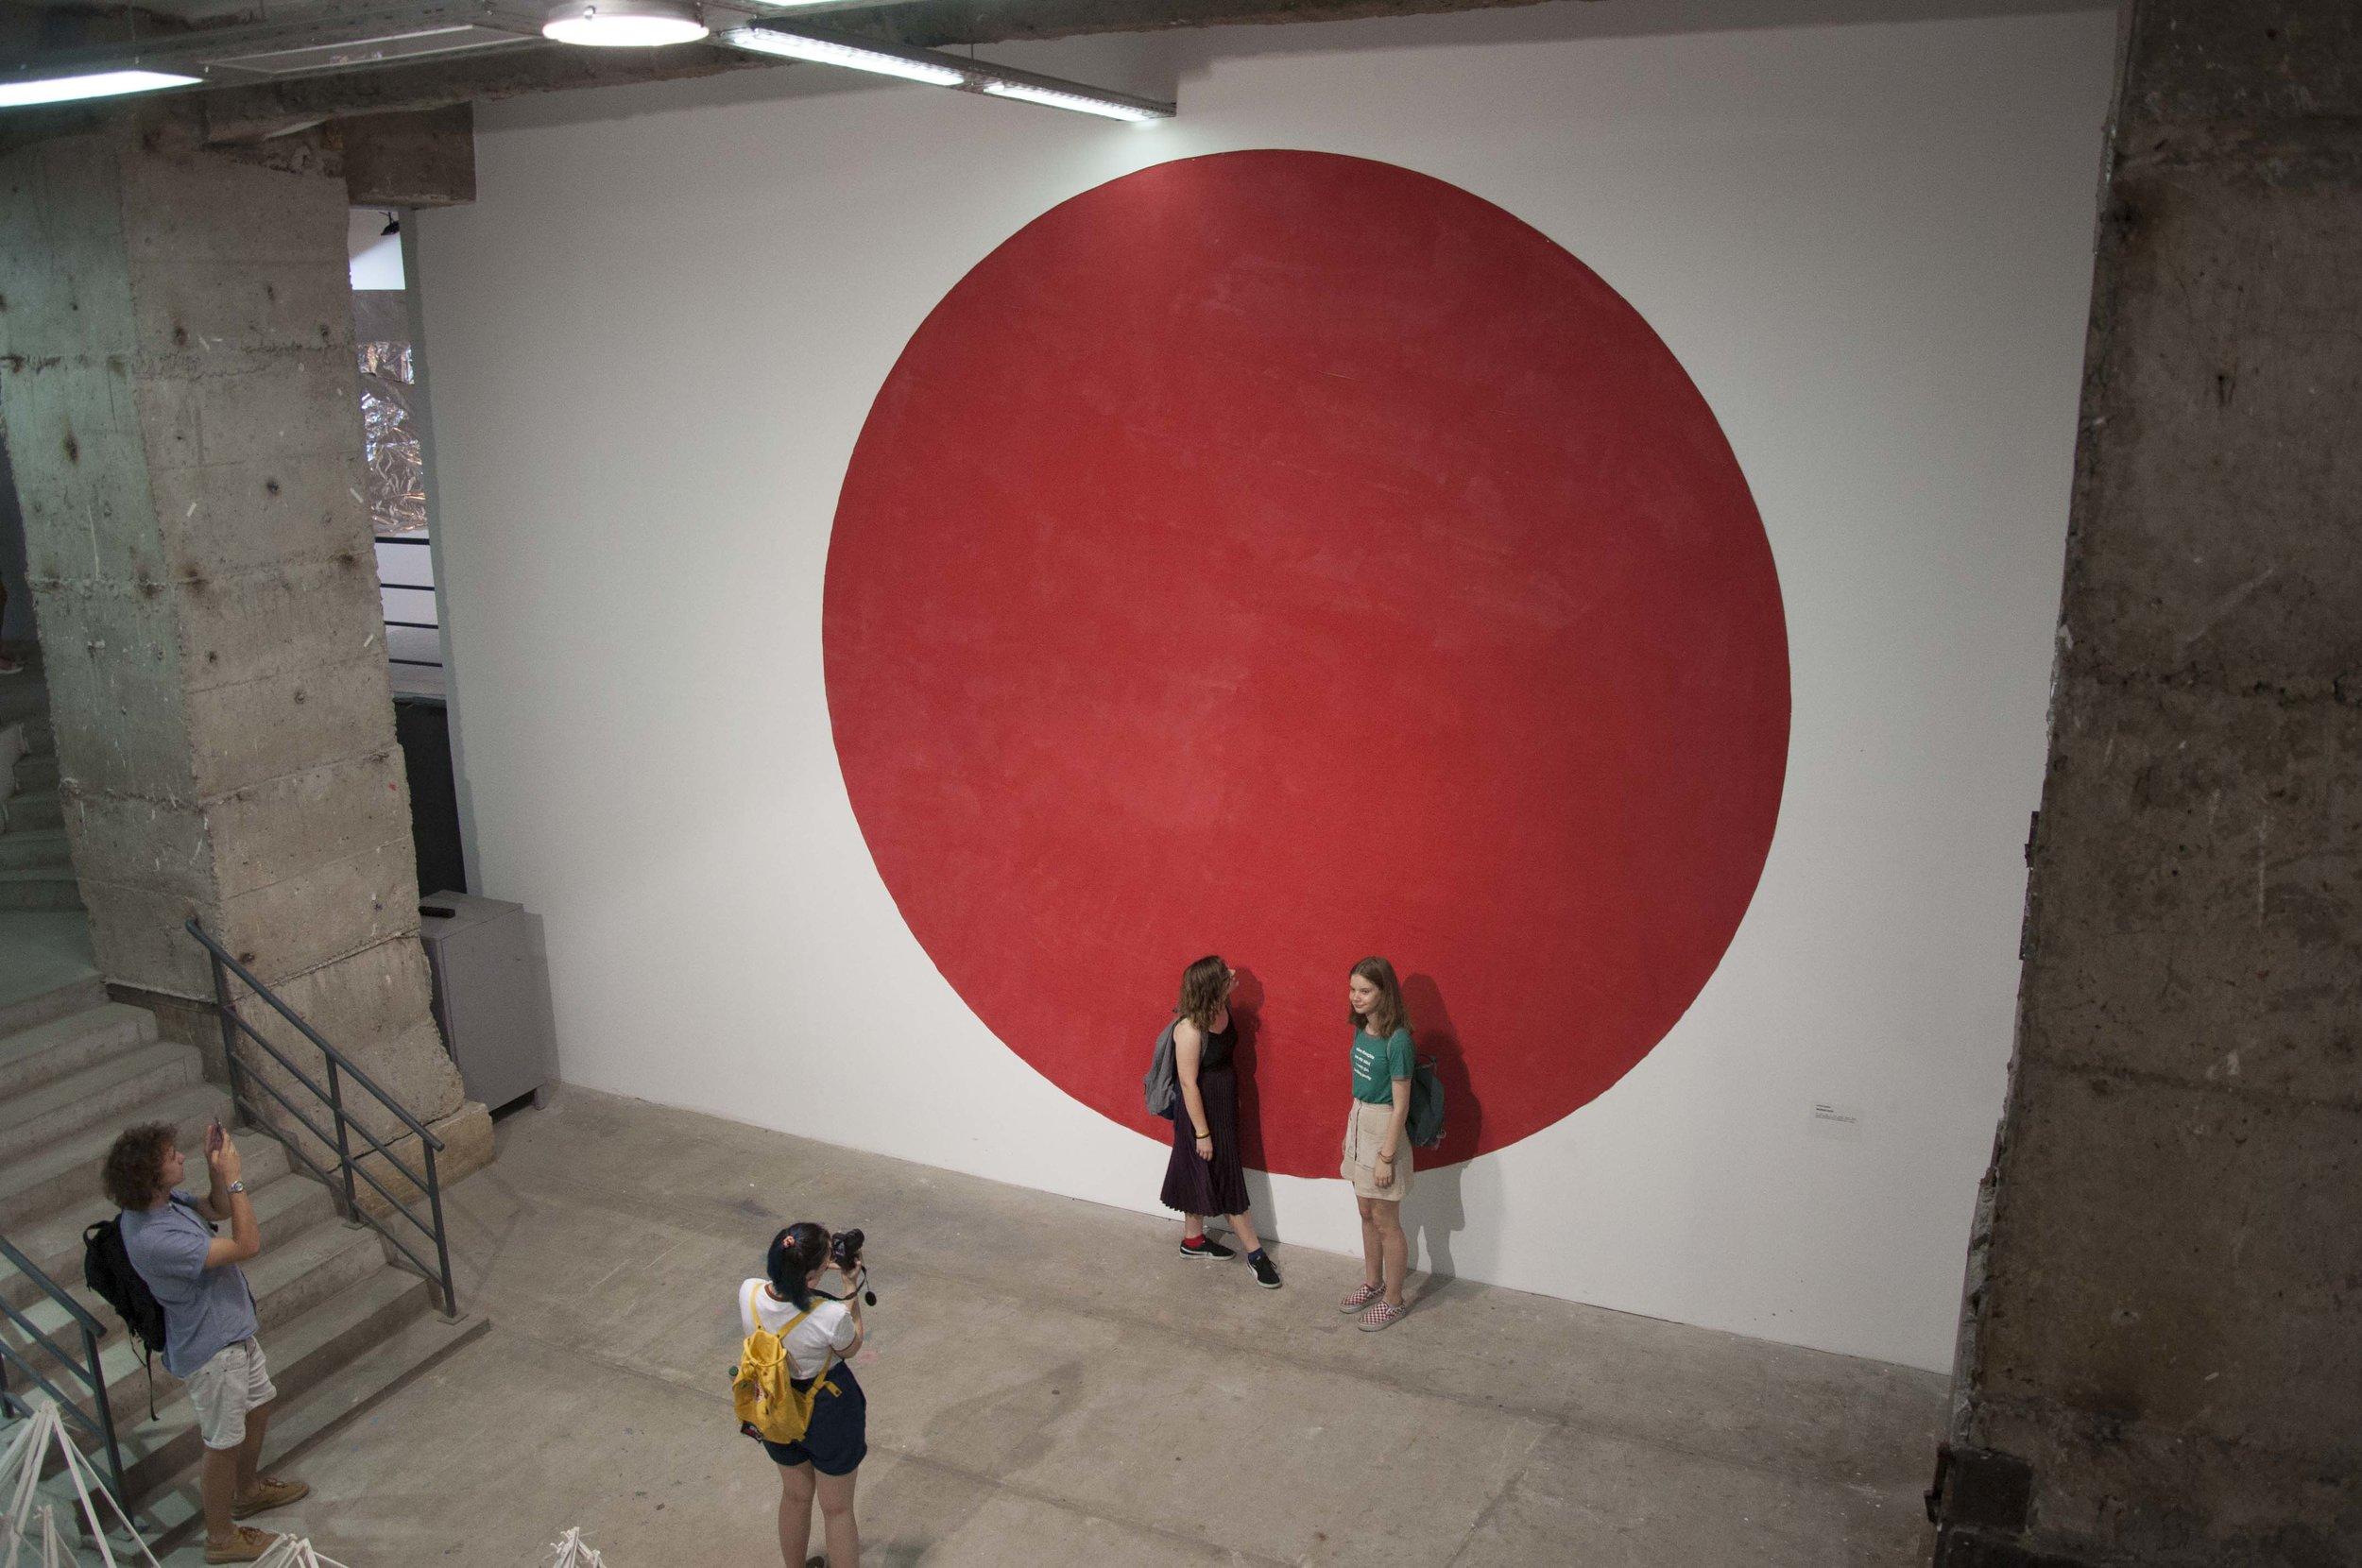 Антон Саєнко «Спільне коло», виставка «Більший простір». Світлина: Ярослав Майстренко